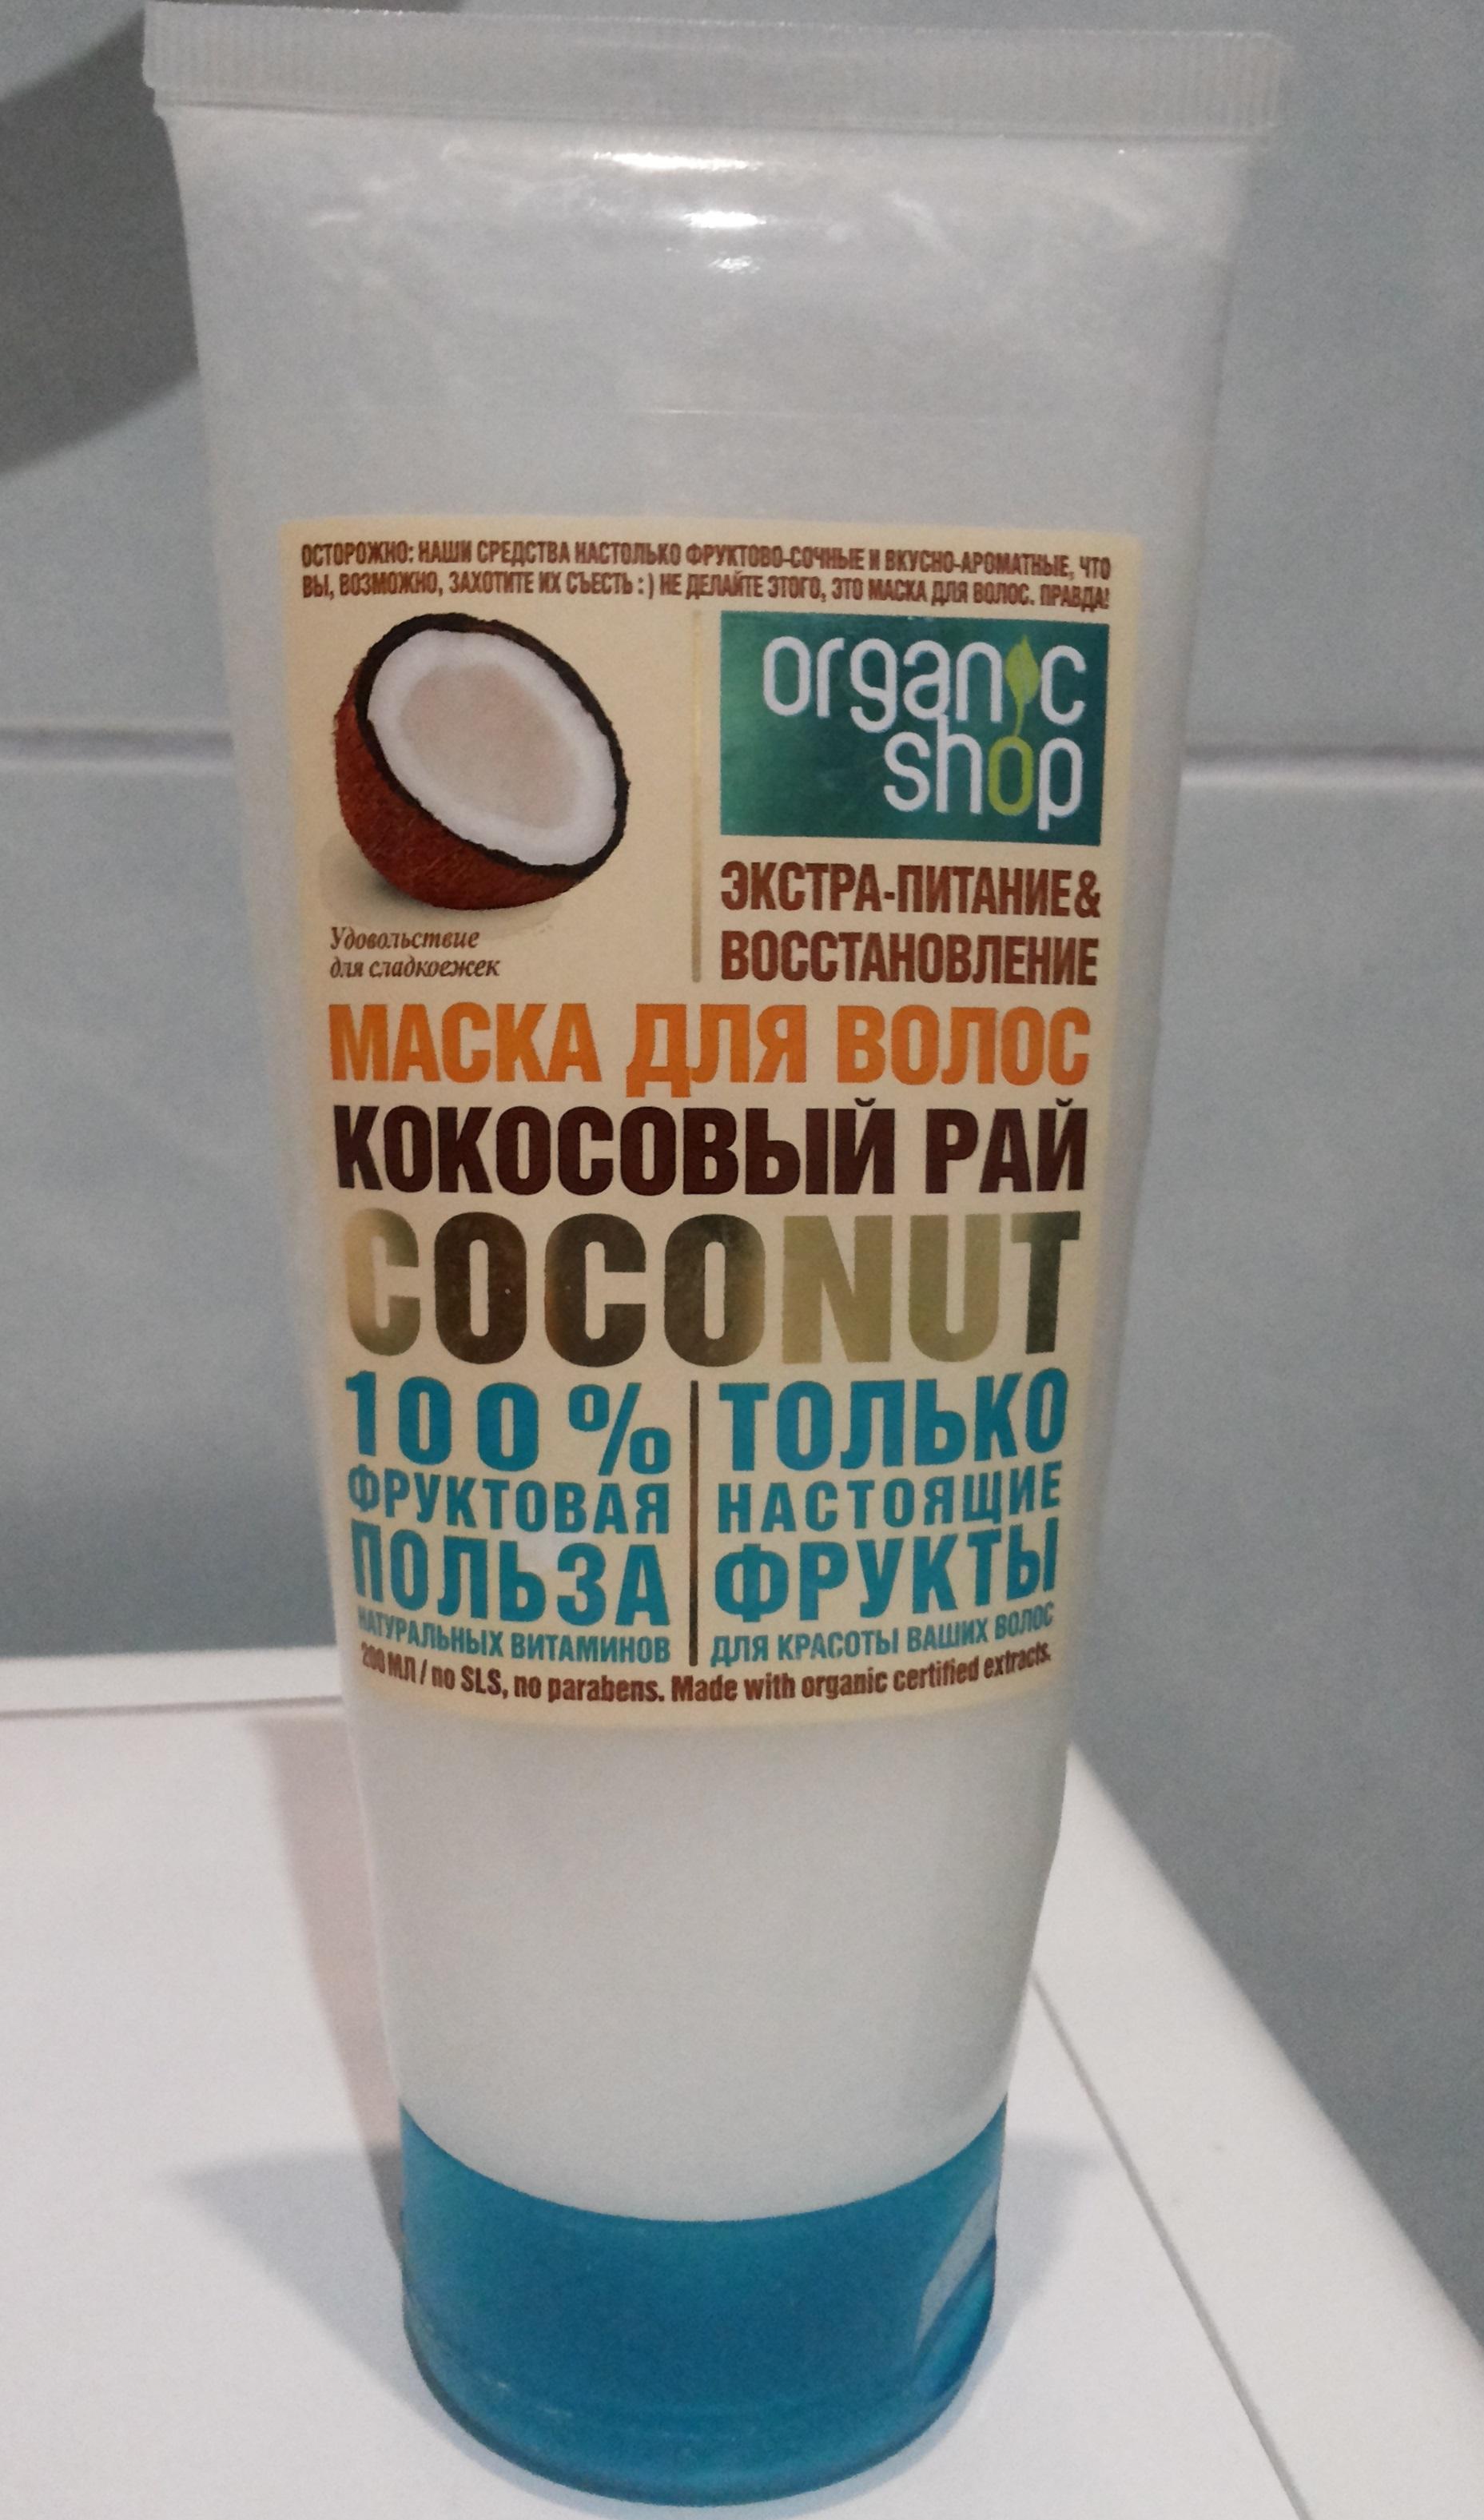 Маска для волос organic shop coconut